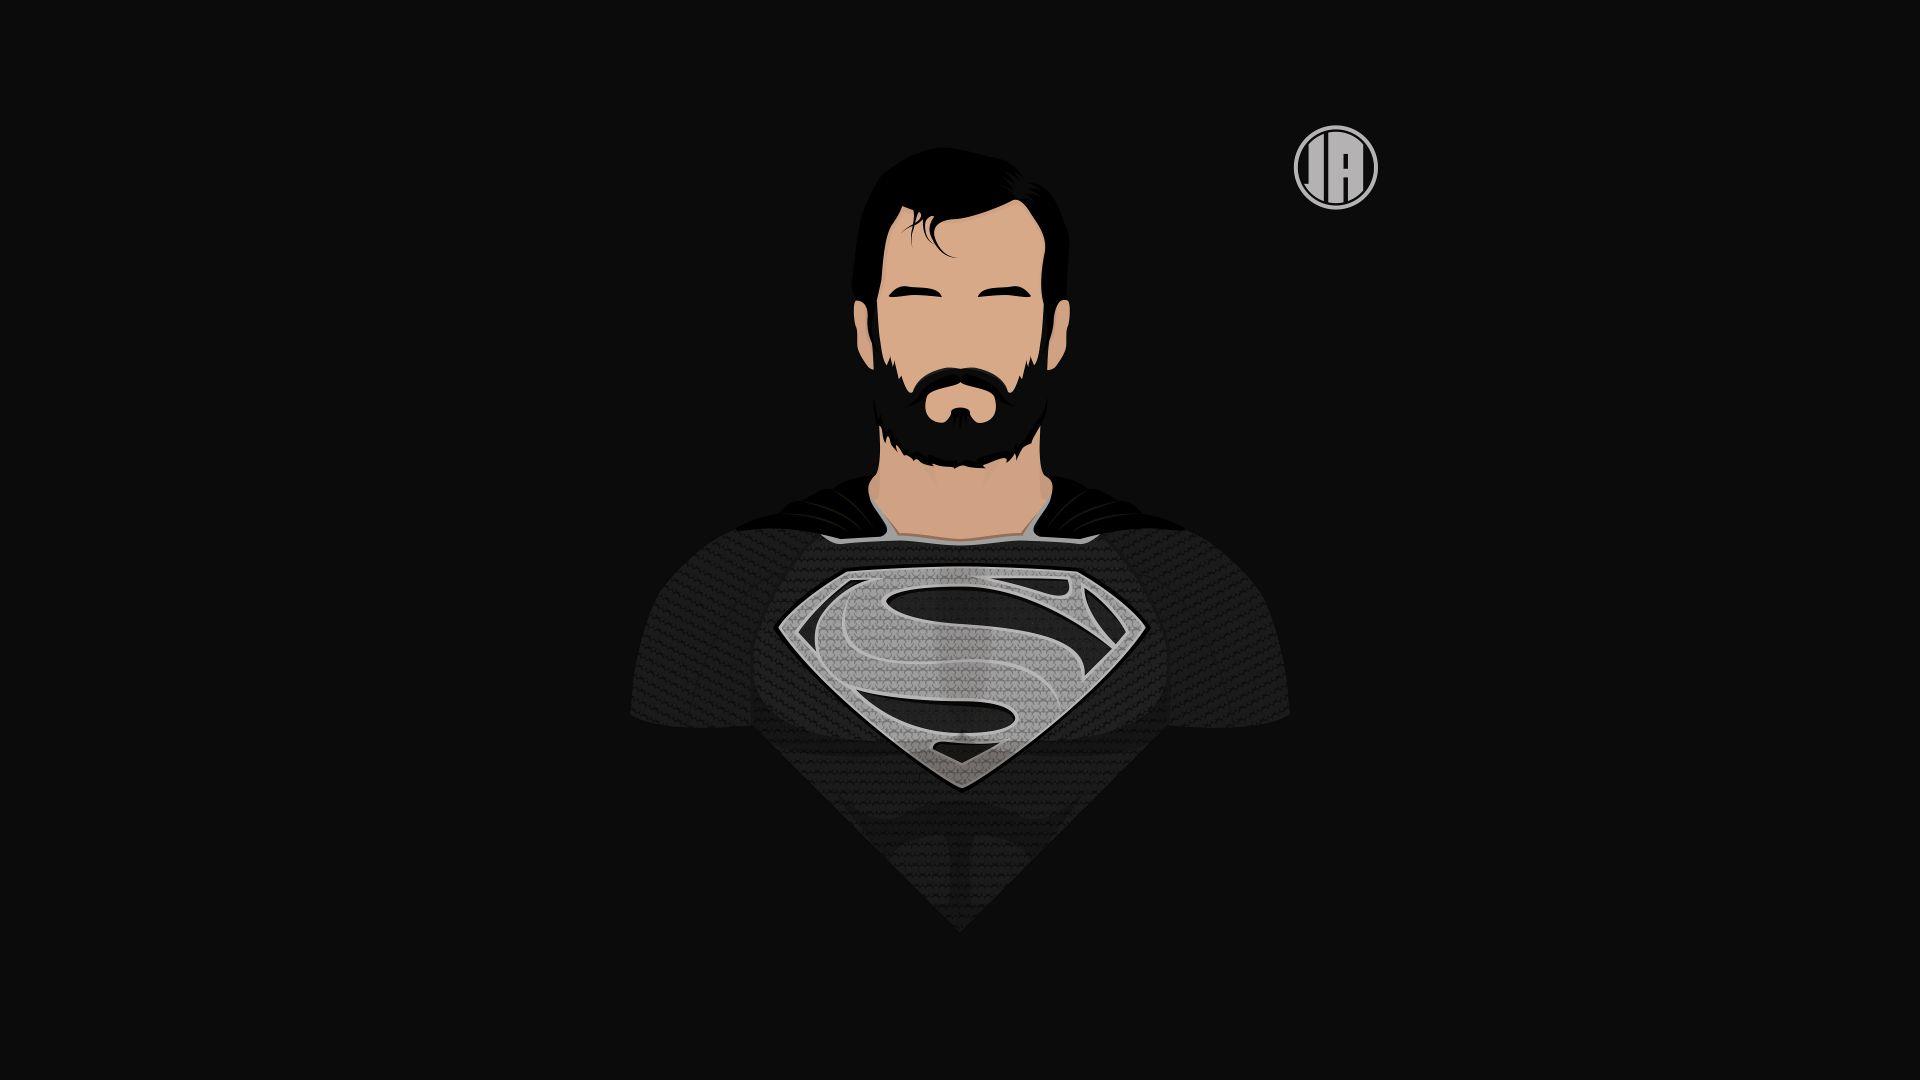 Wallpaper Superman, dark, minimalism, 8k